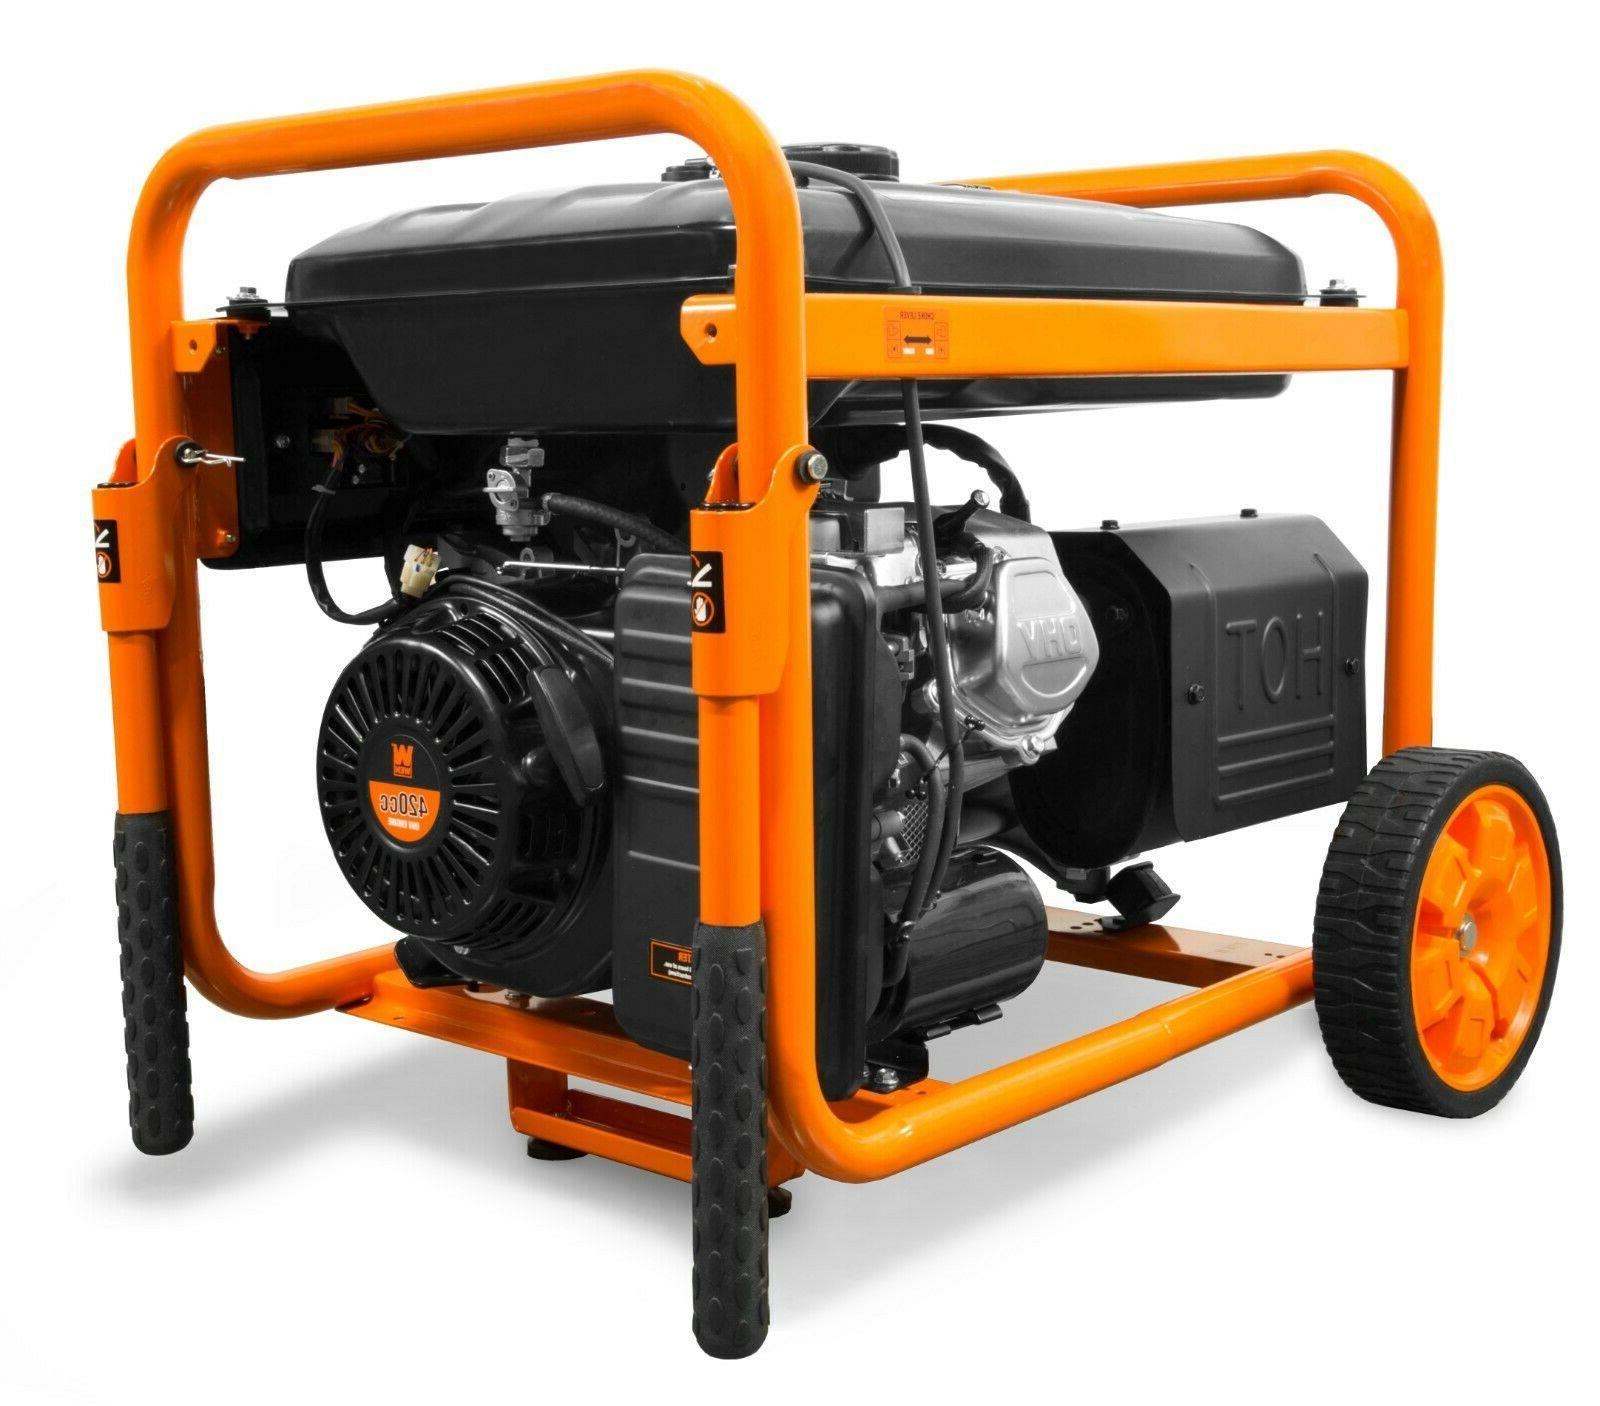 WEN 9500-Watt 420cc Transfer Switch/RV Ready 120V/240V Portable